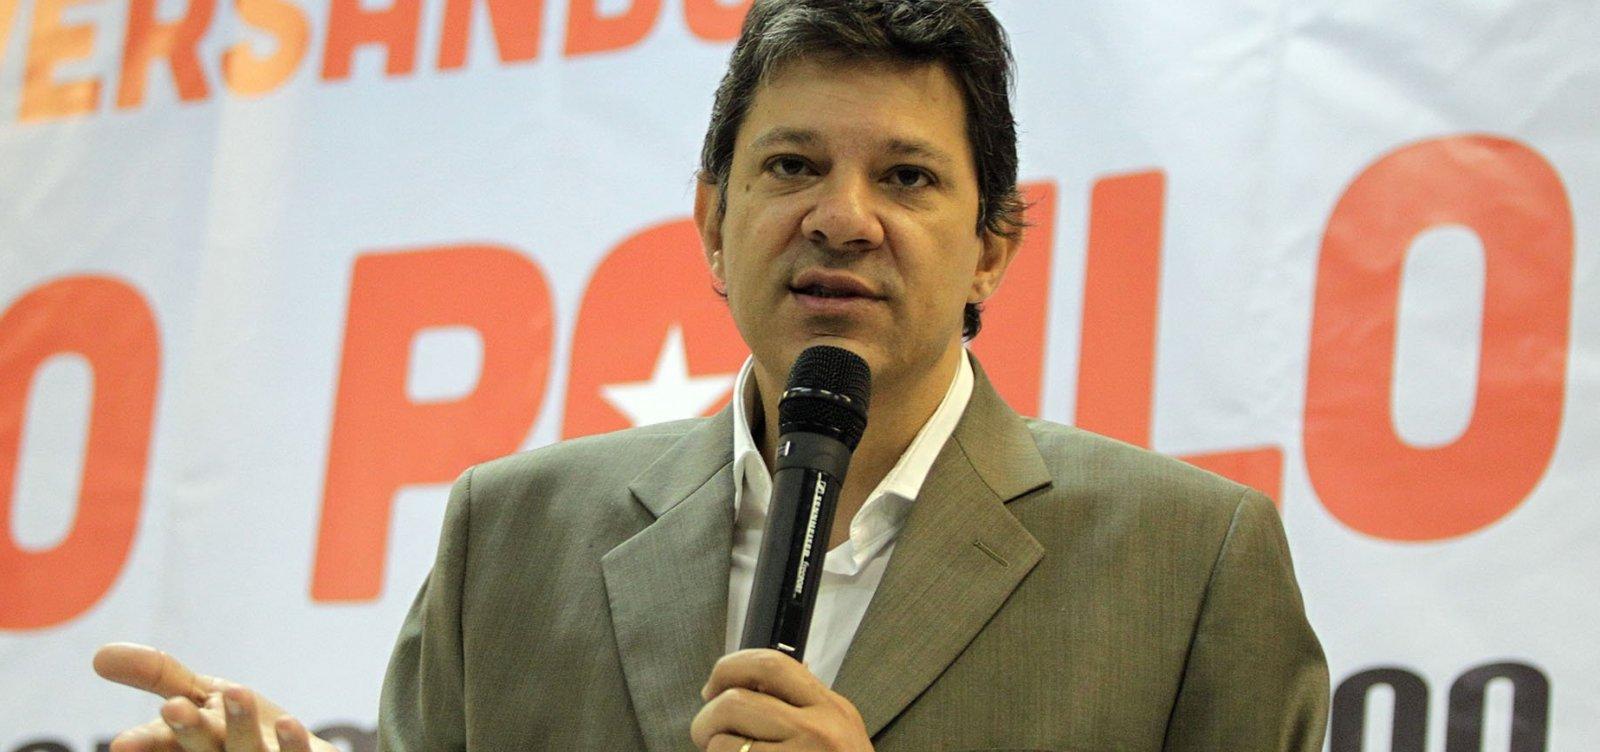 [Aliados querem que Haddad incorpore proposta de Alckmin]